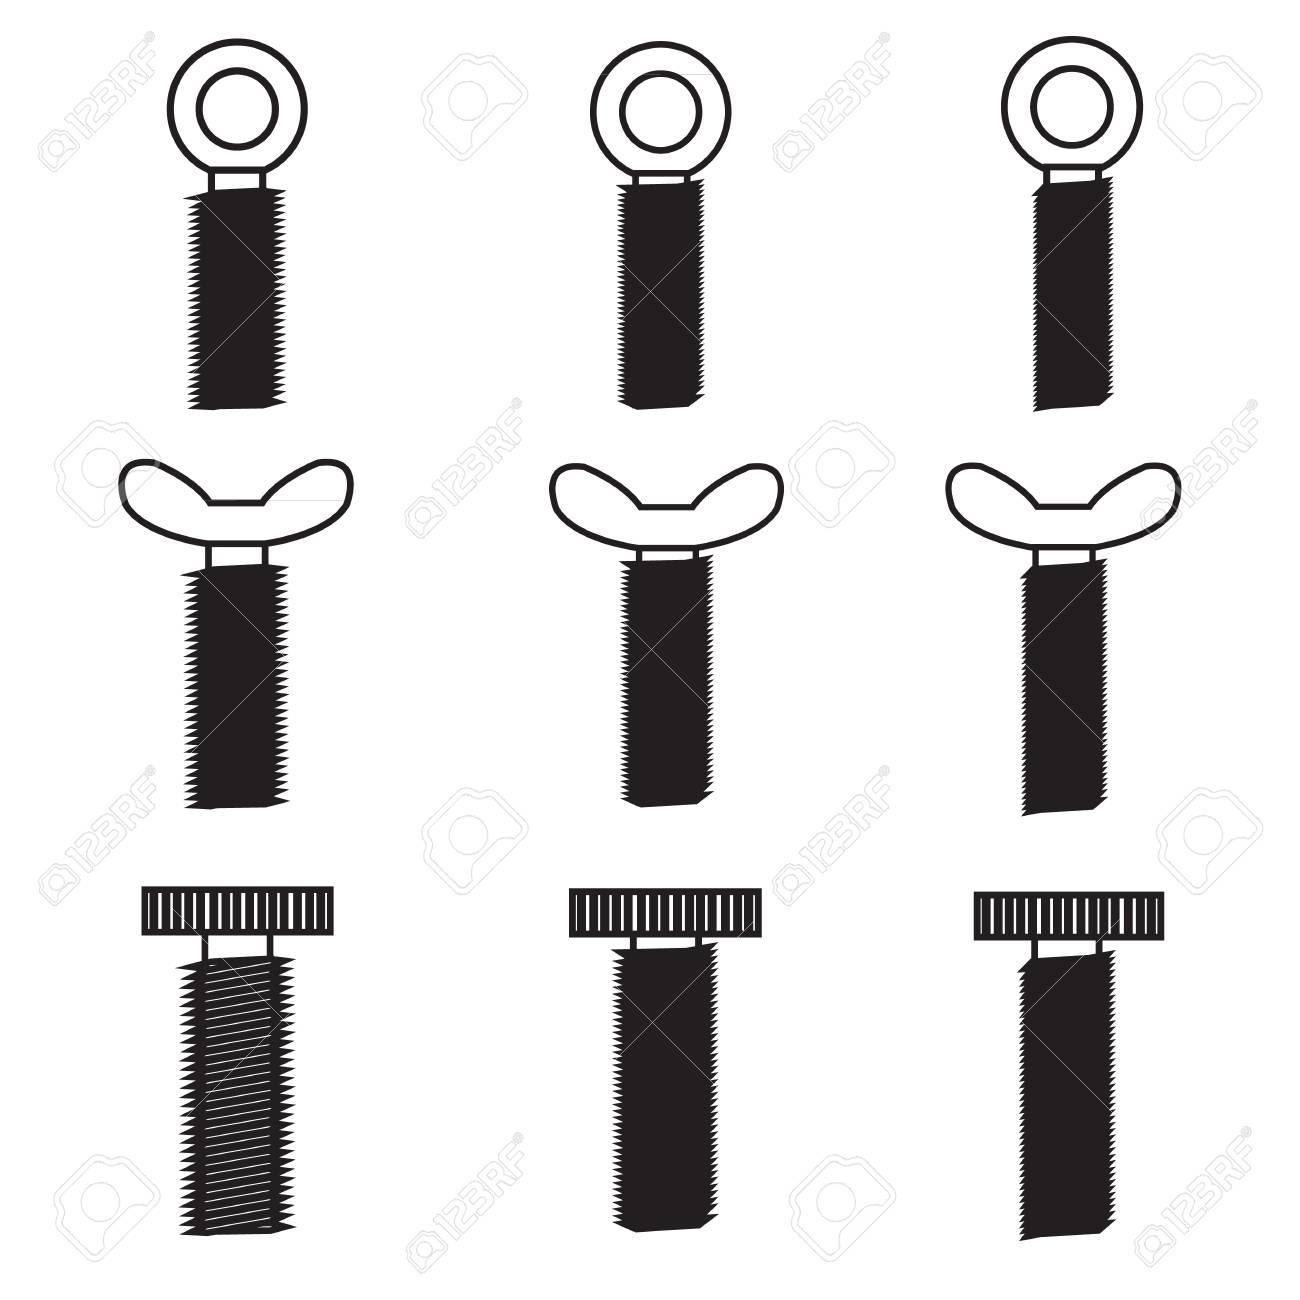 Set of screws icon Stock Vector - 21423223